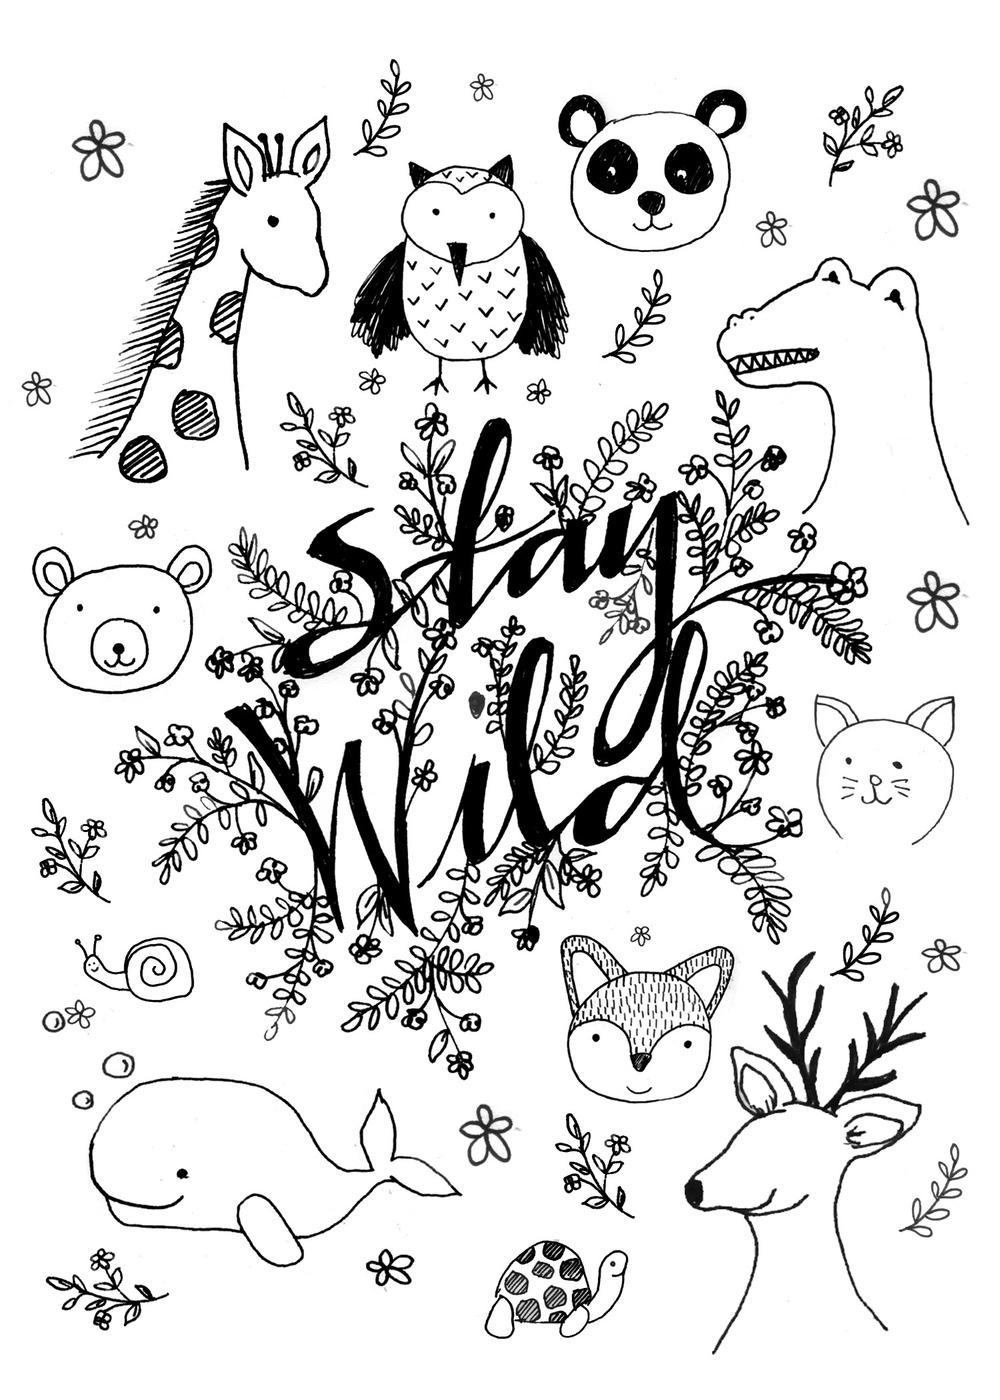 staywild.jpg